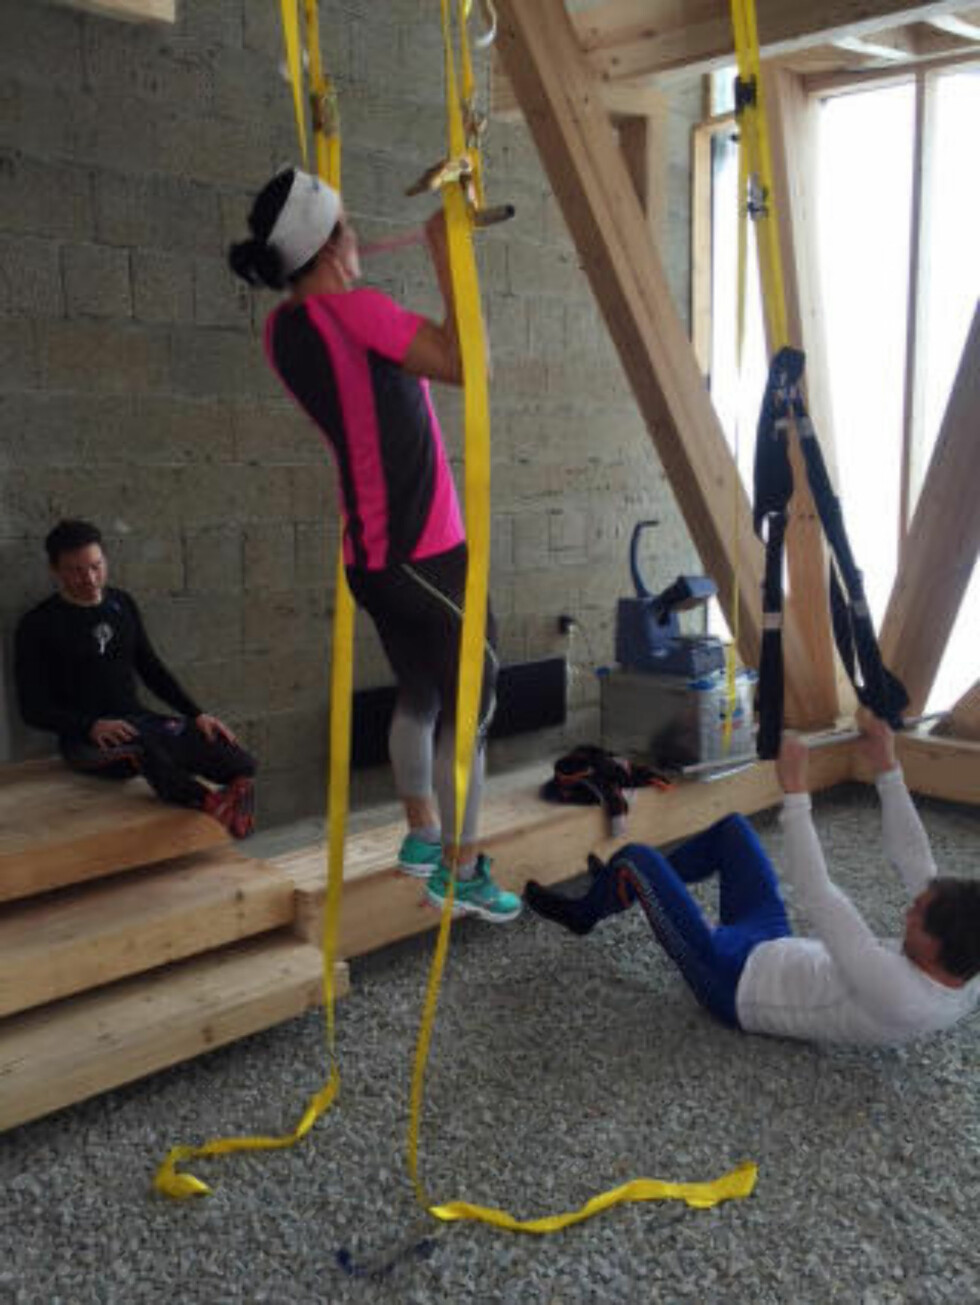 STYRKEØKT: Marit Bjørgen og resten av skilandslaget måtte velge styrketrening framfor skigåing. Foto: Skilandslaget